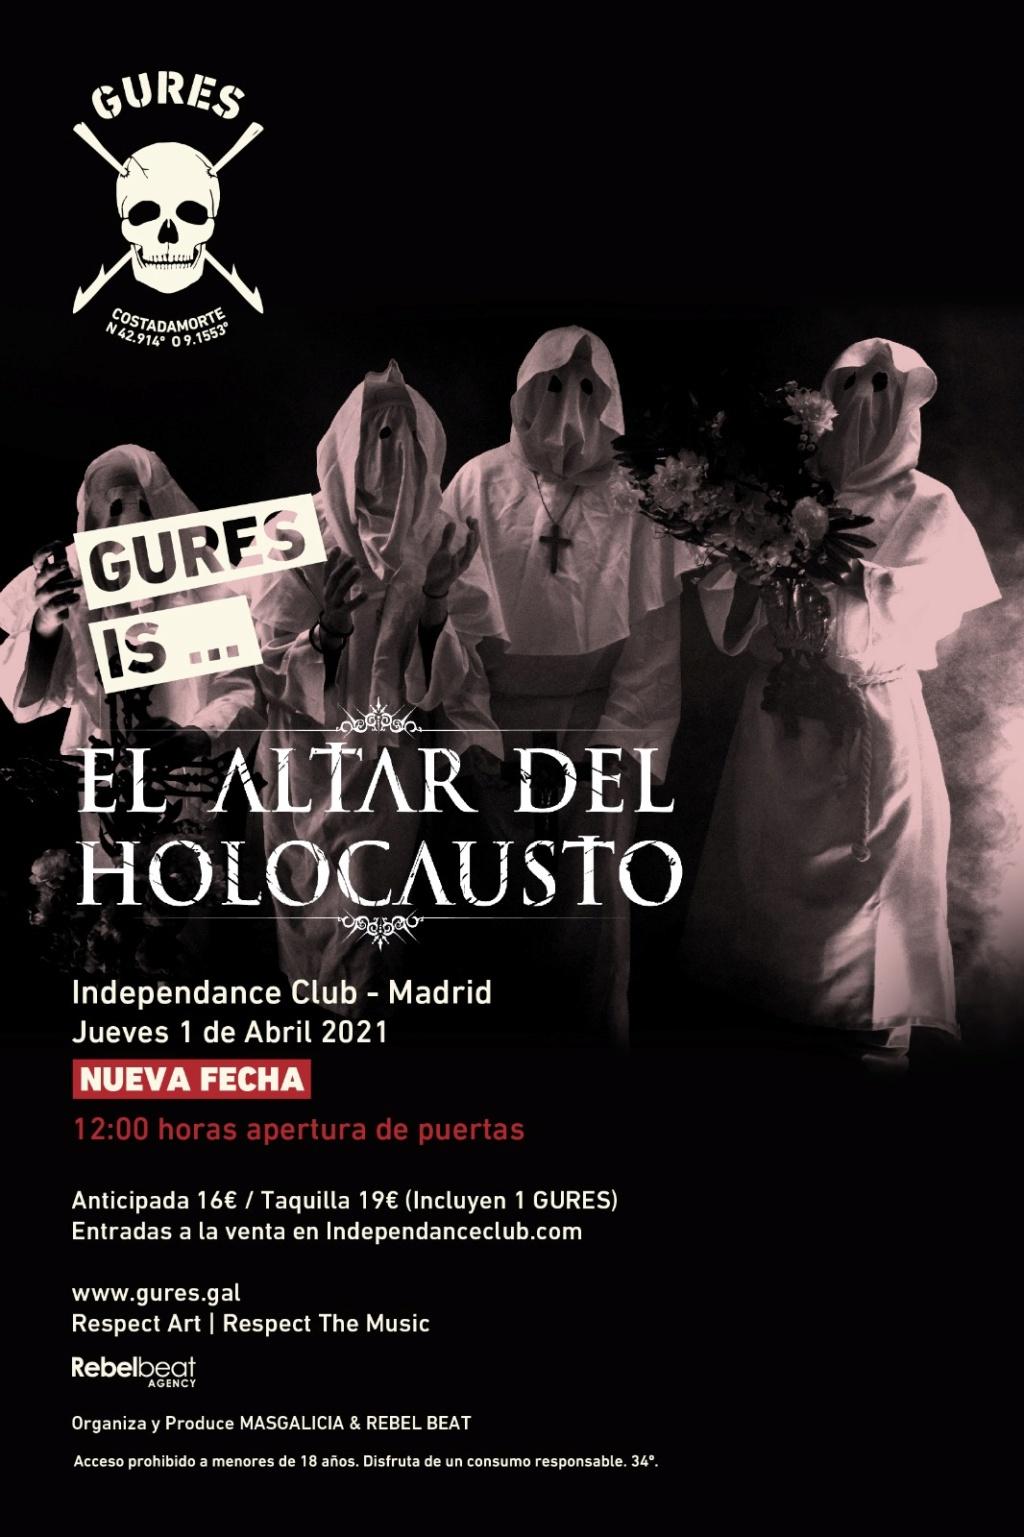 El Altar Del Holocausto: ¡¡¡✞ T R I N I DAD -  1 de Octubre BARCELONA - Razz3   !!!!! - Página 15 Img-2014